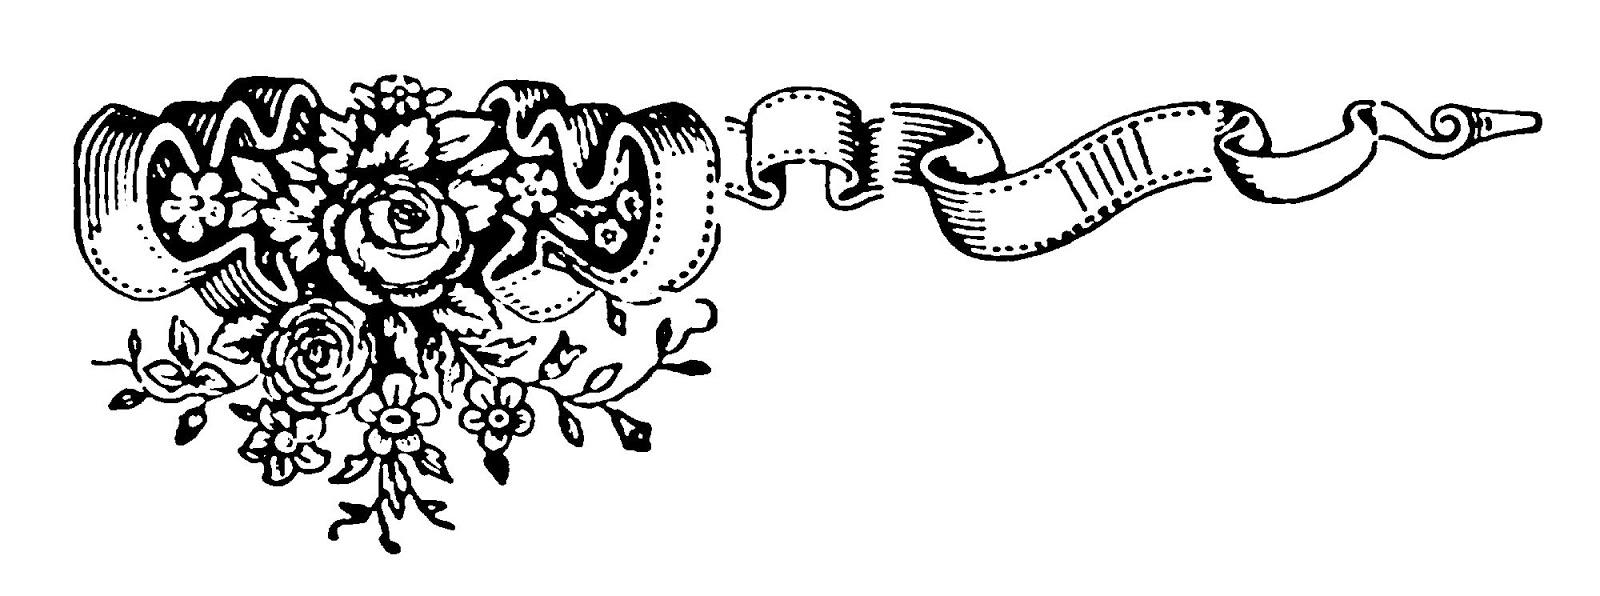 Banner clipart corner. Digital stamp design scroll